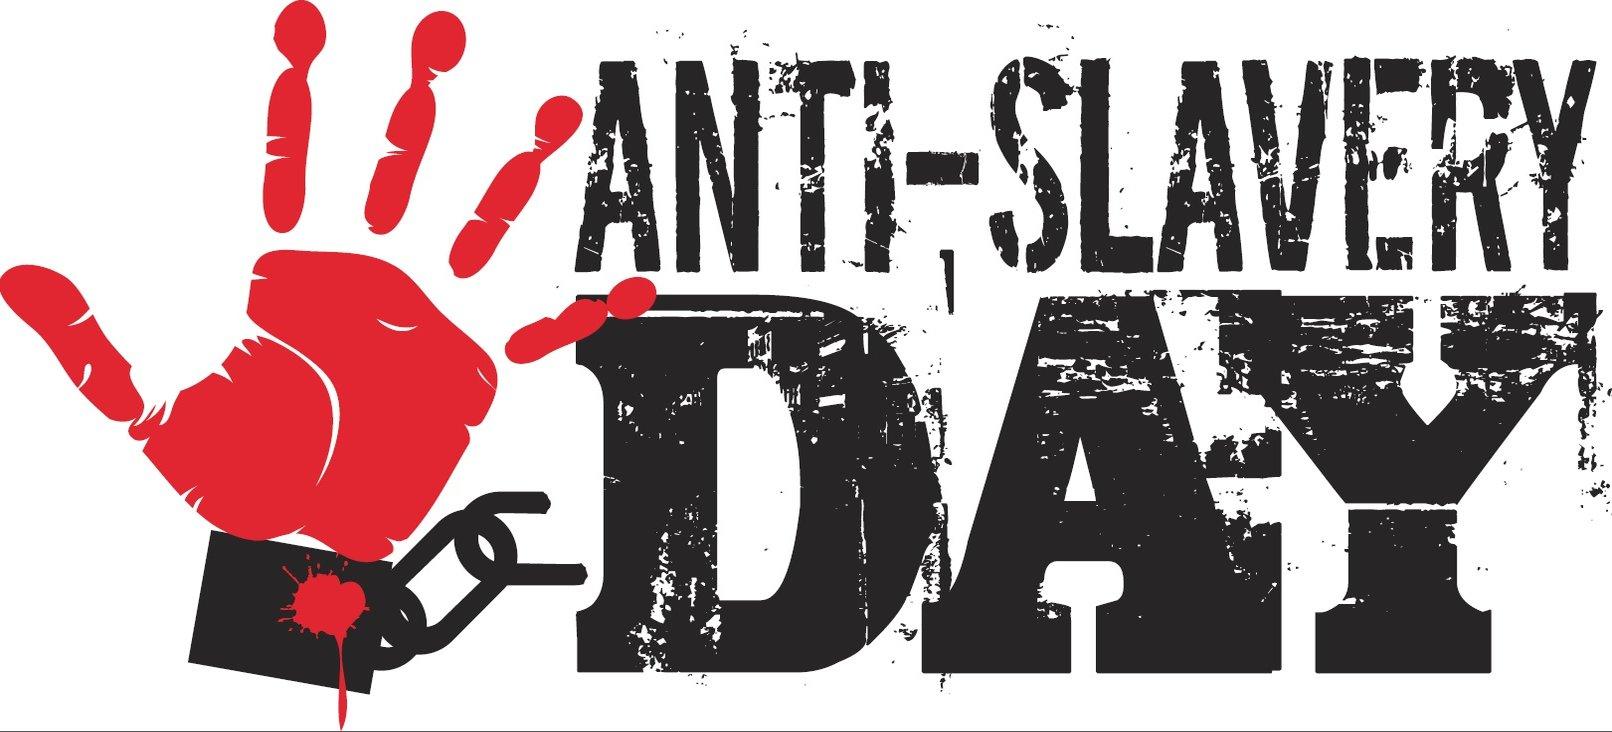 rsz_1asd-logo-image.jpg